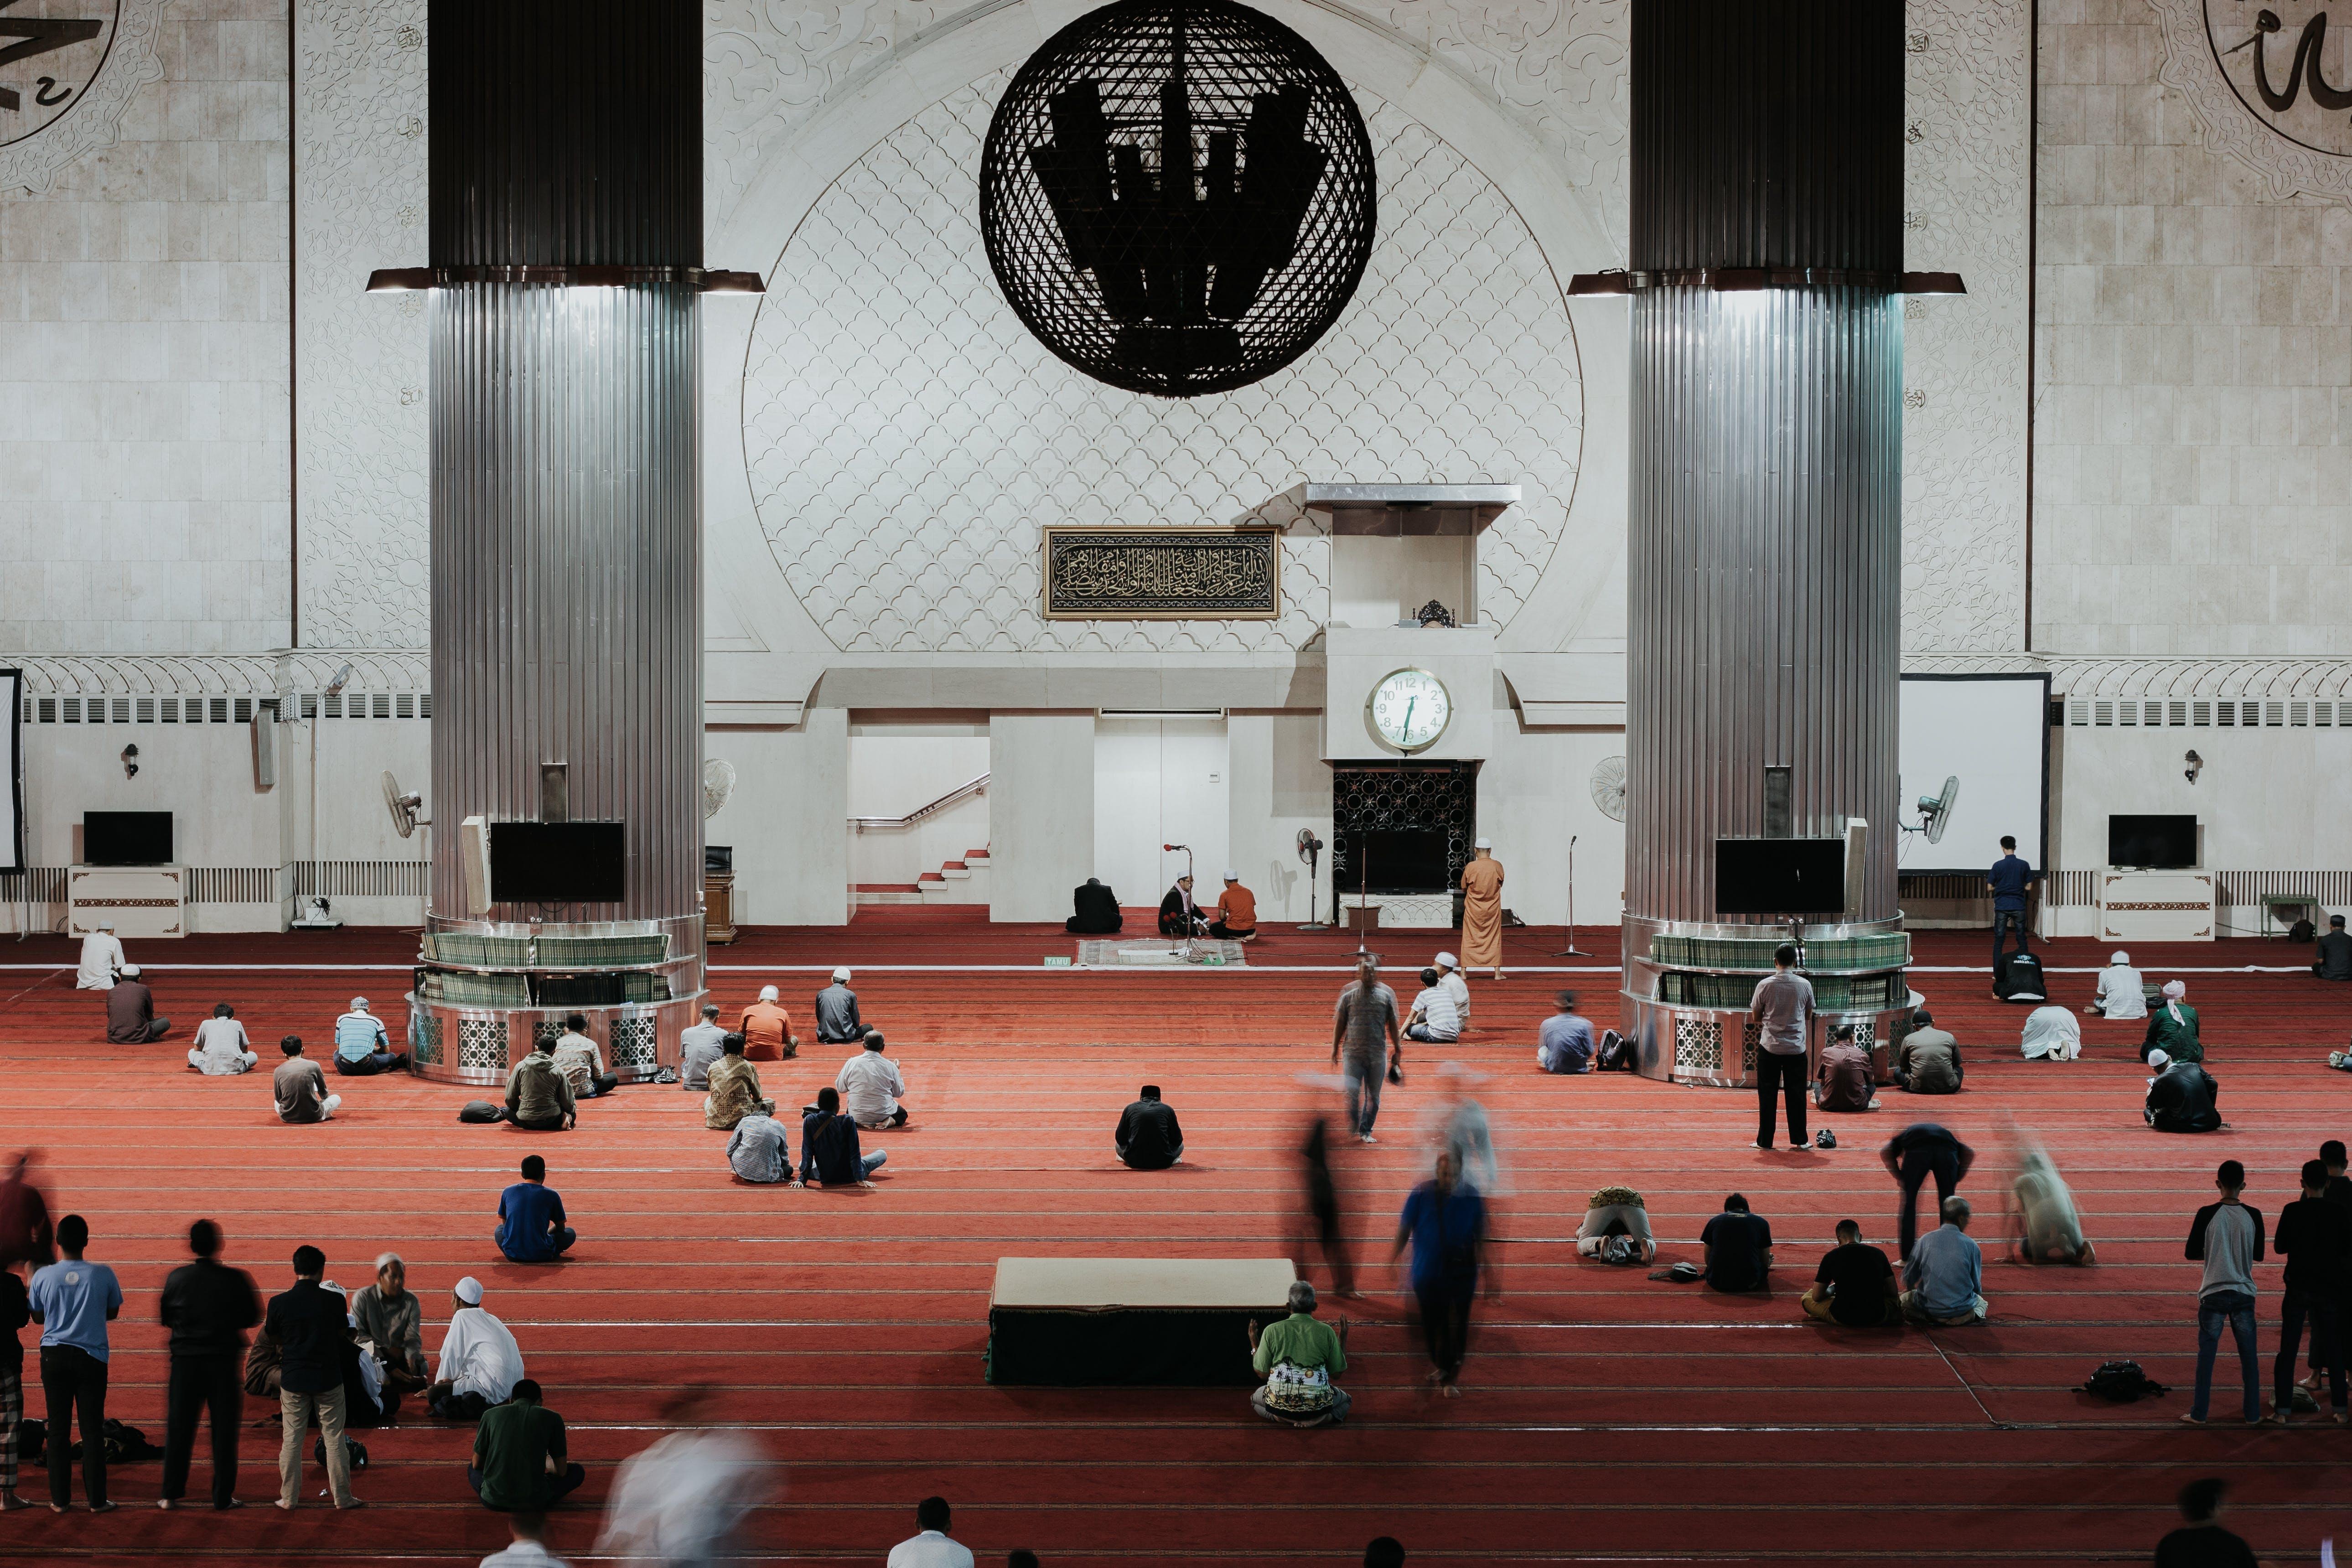 Gratis lagerfoto af folk, indendørs, menneskemængde, muslim